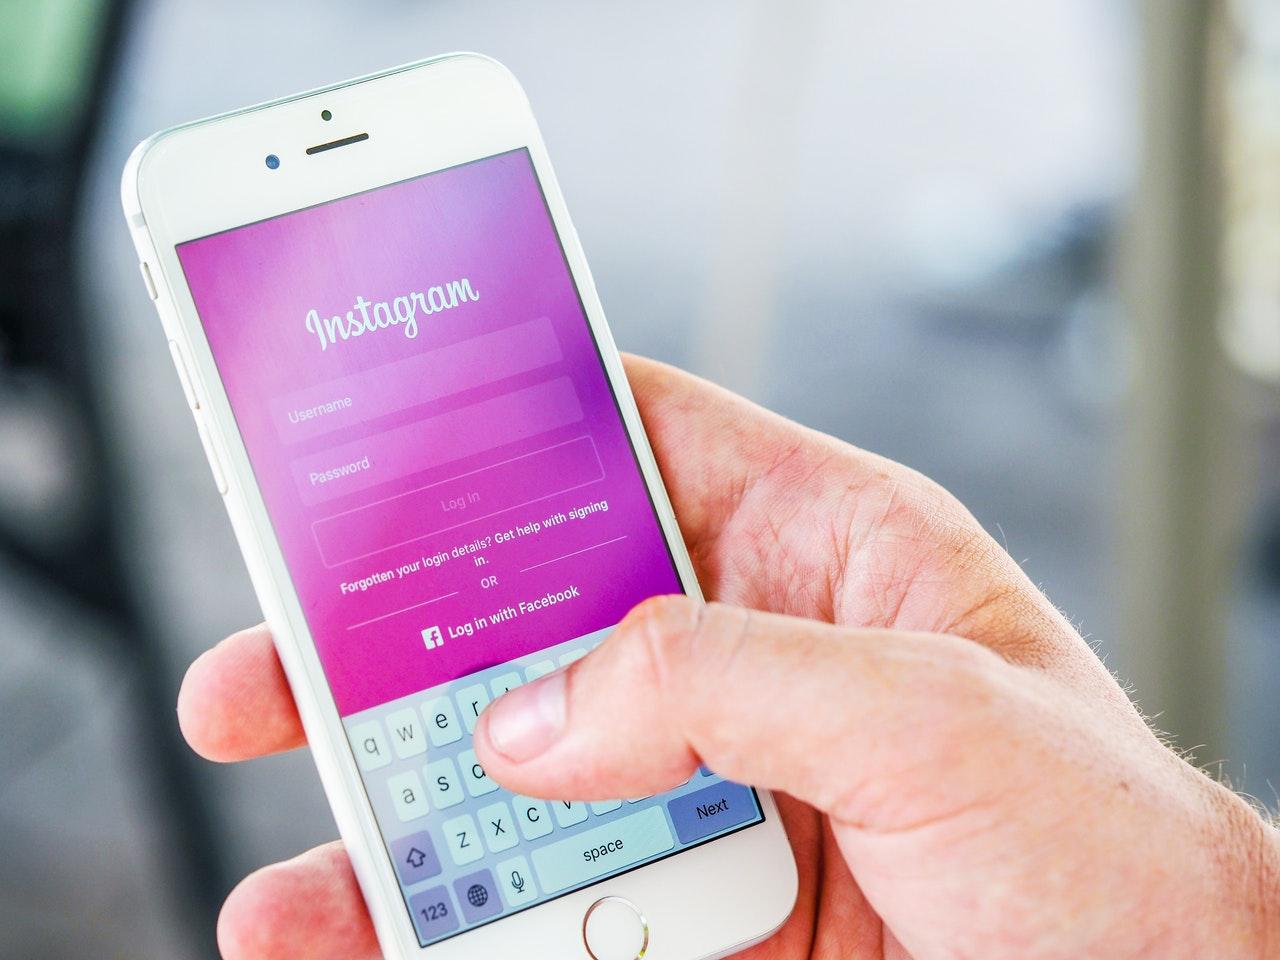 Osoba trzymająca telefon z otwartym Instagramem